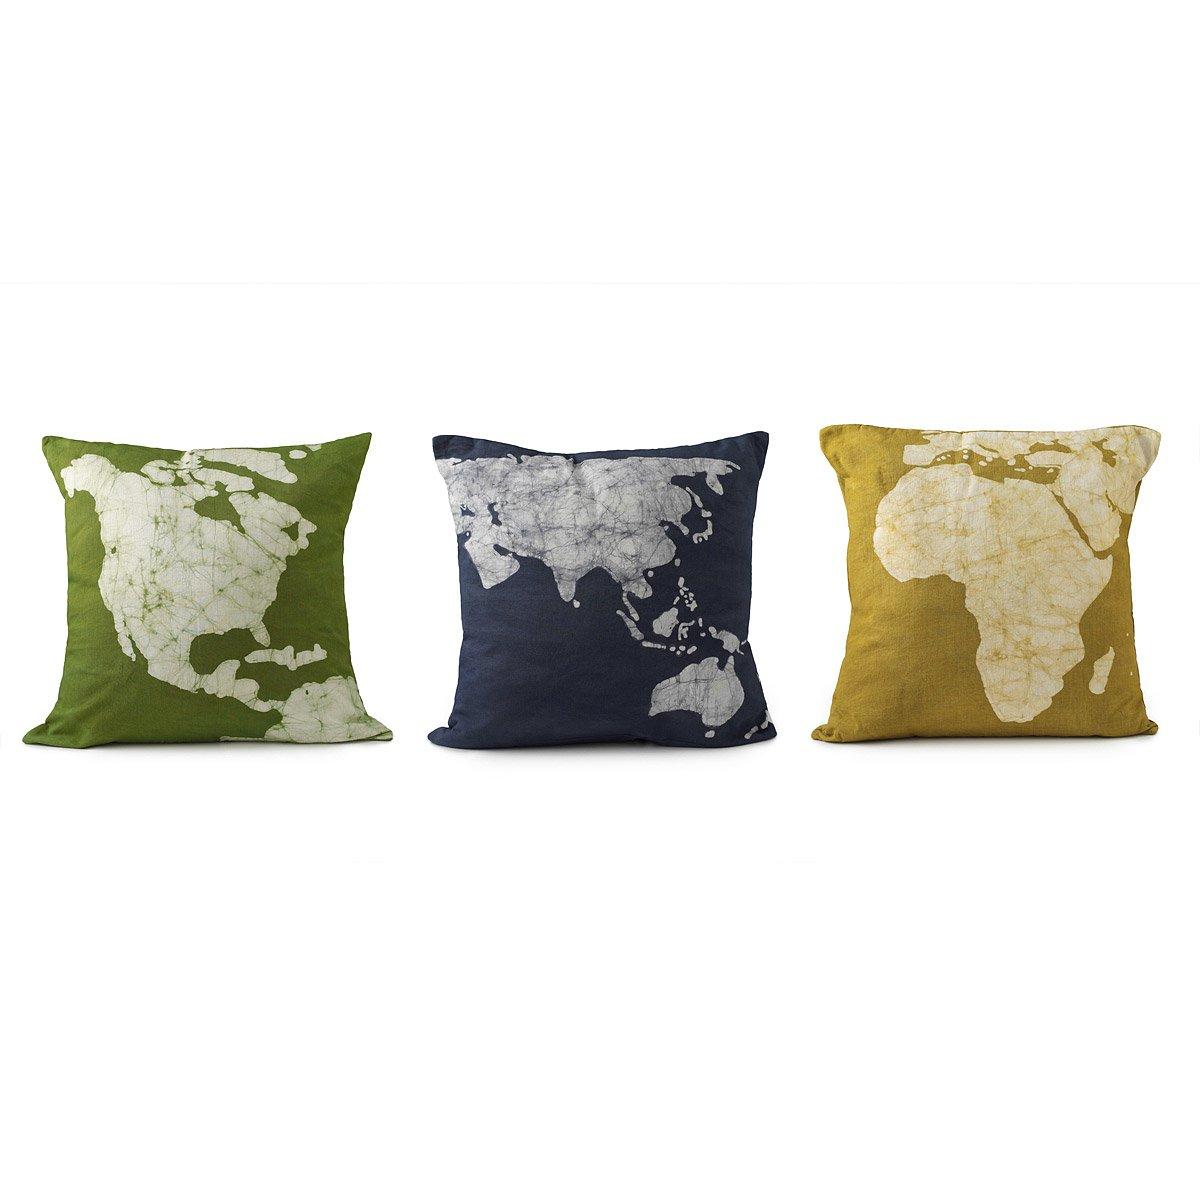 unique pillows - continent pillows set of pillow case dyed pillow case